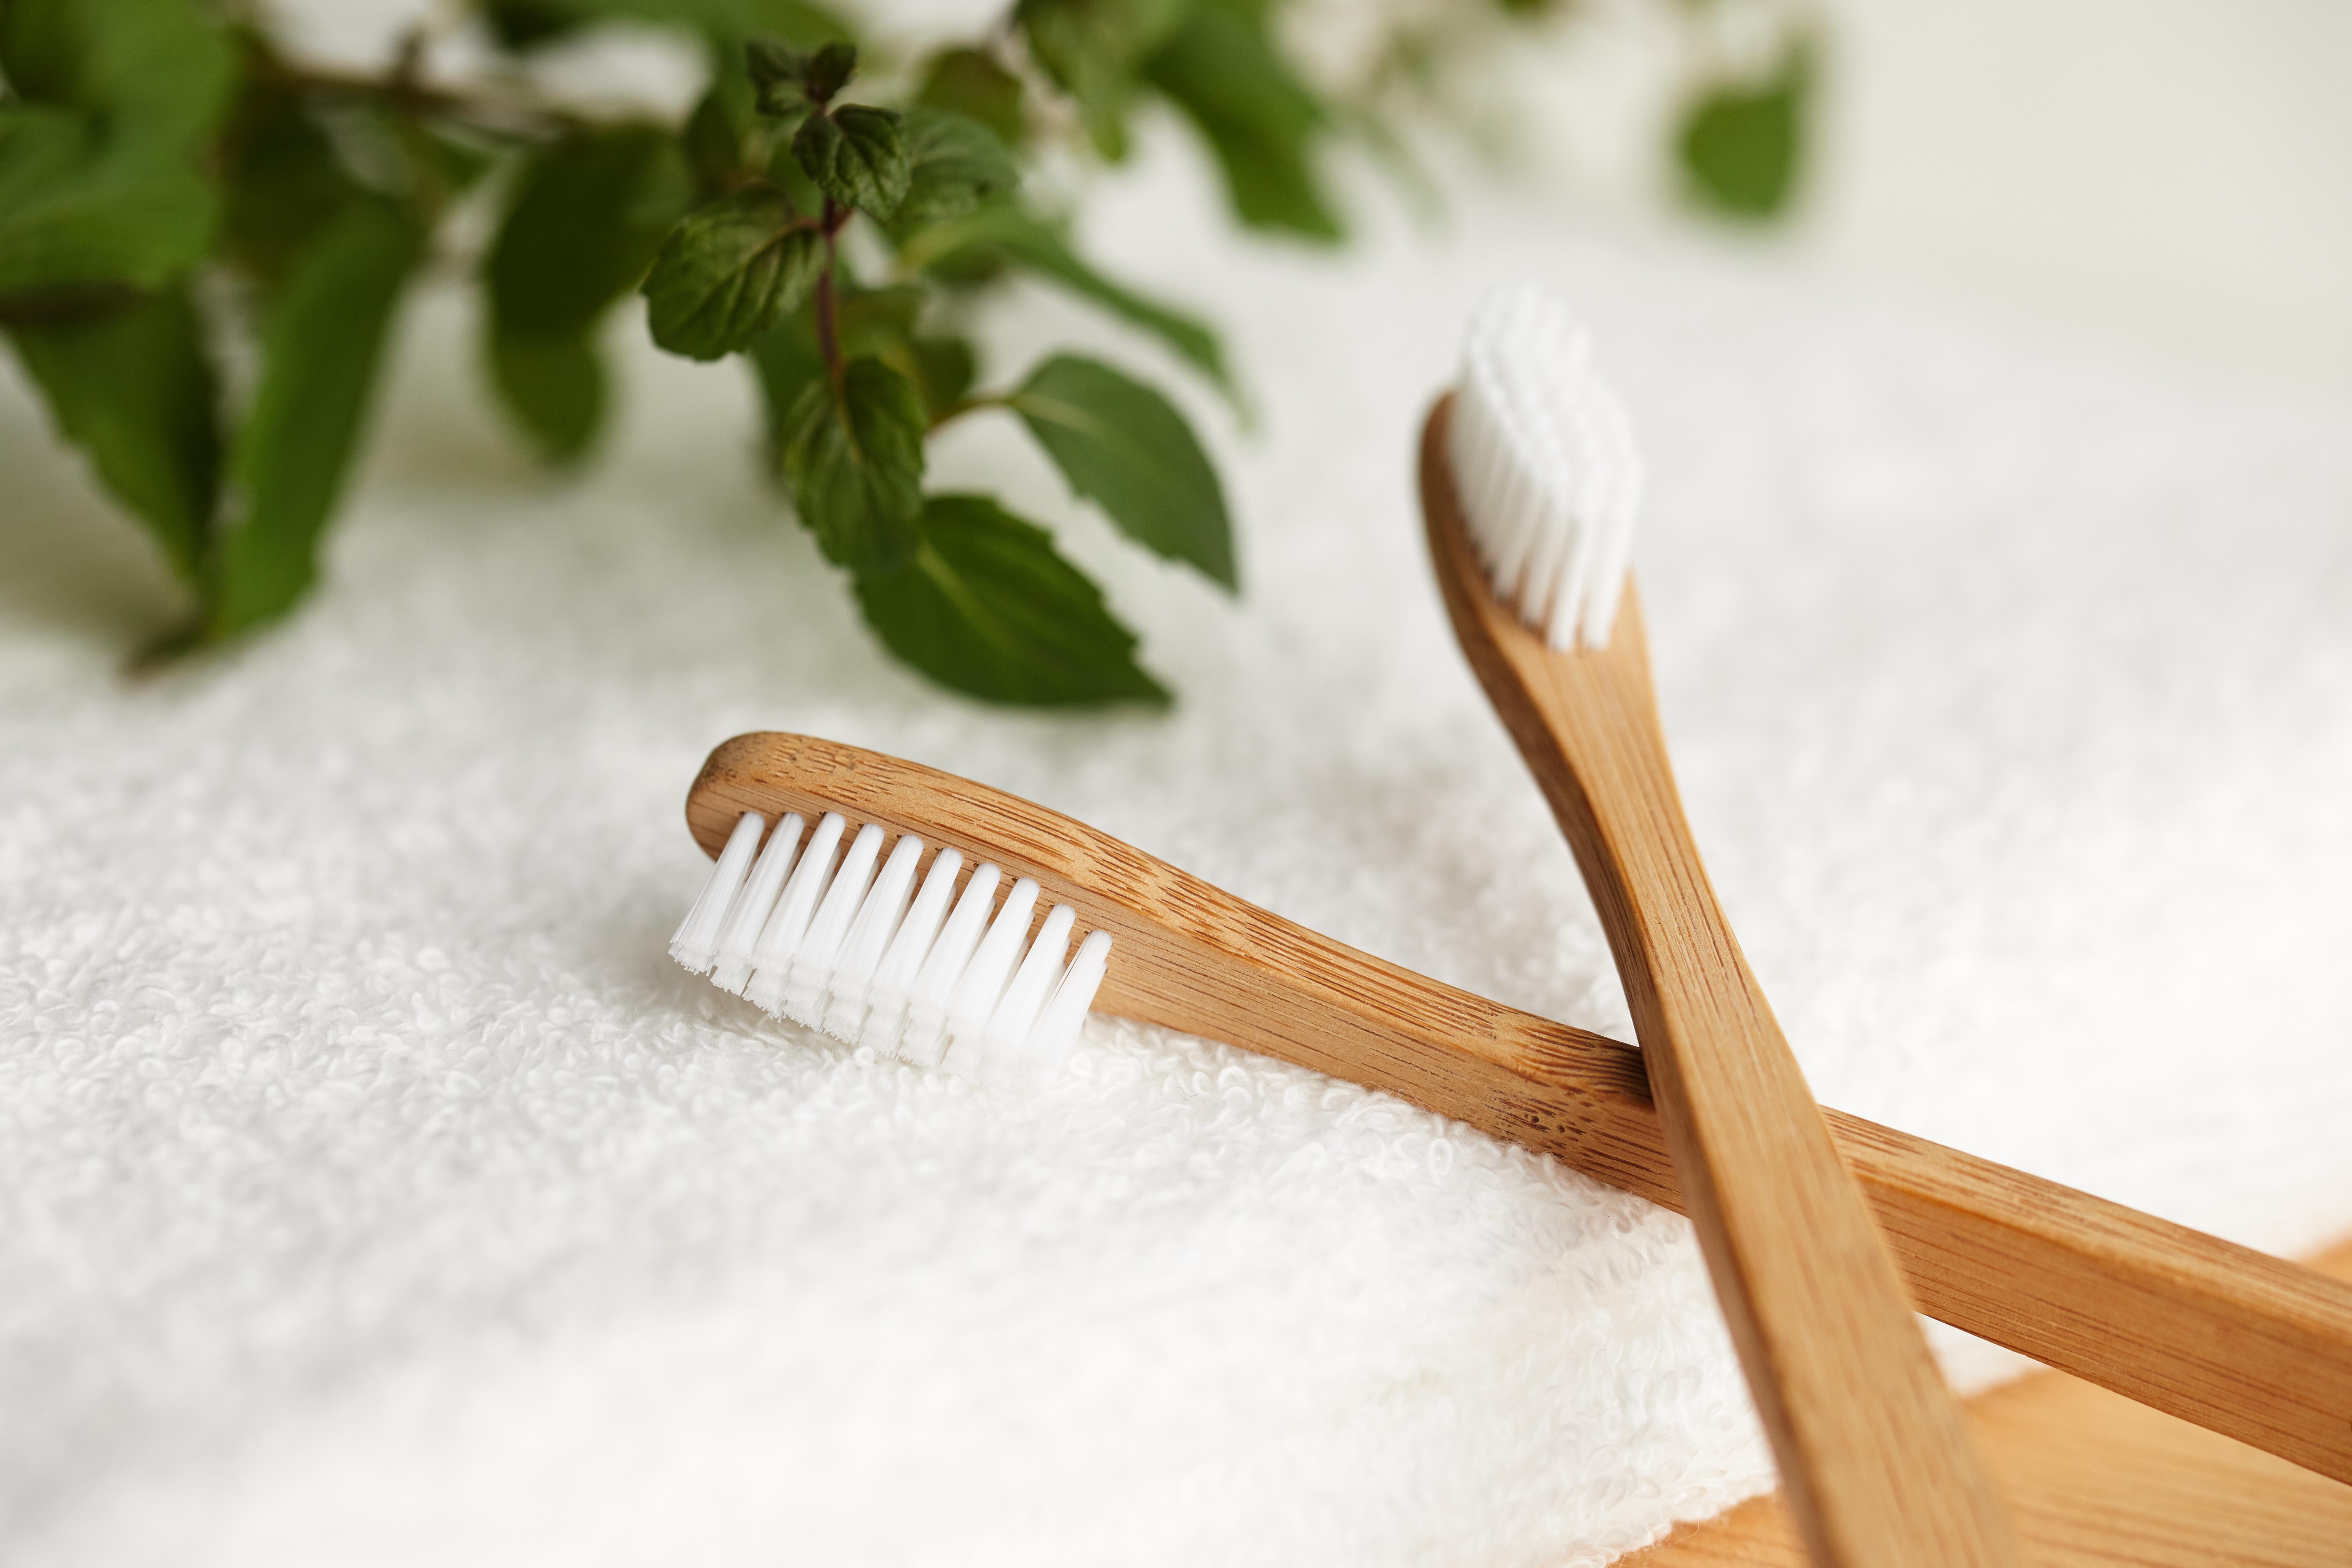 Zwei Bambus Zahnbürsten auf einem weißen Handtuch